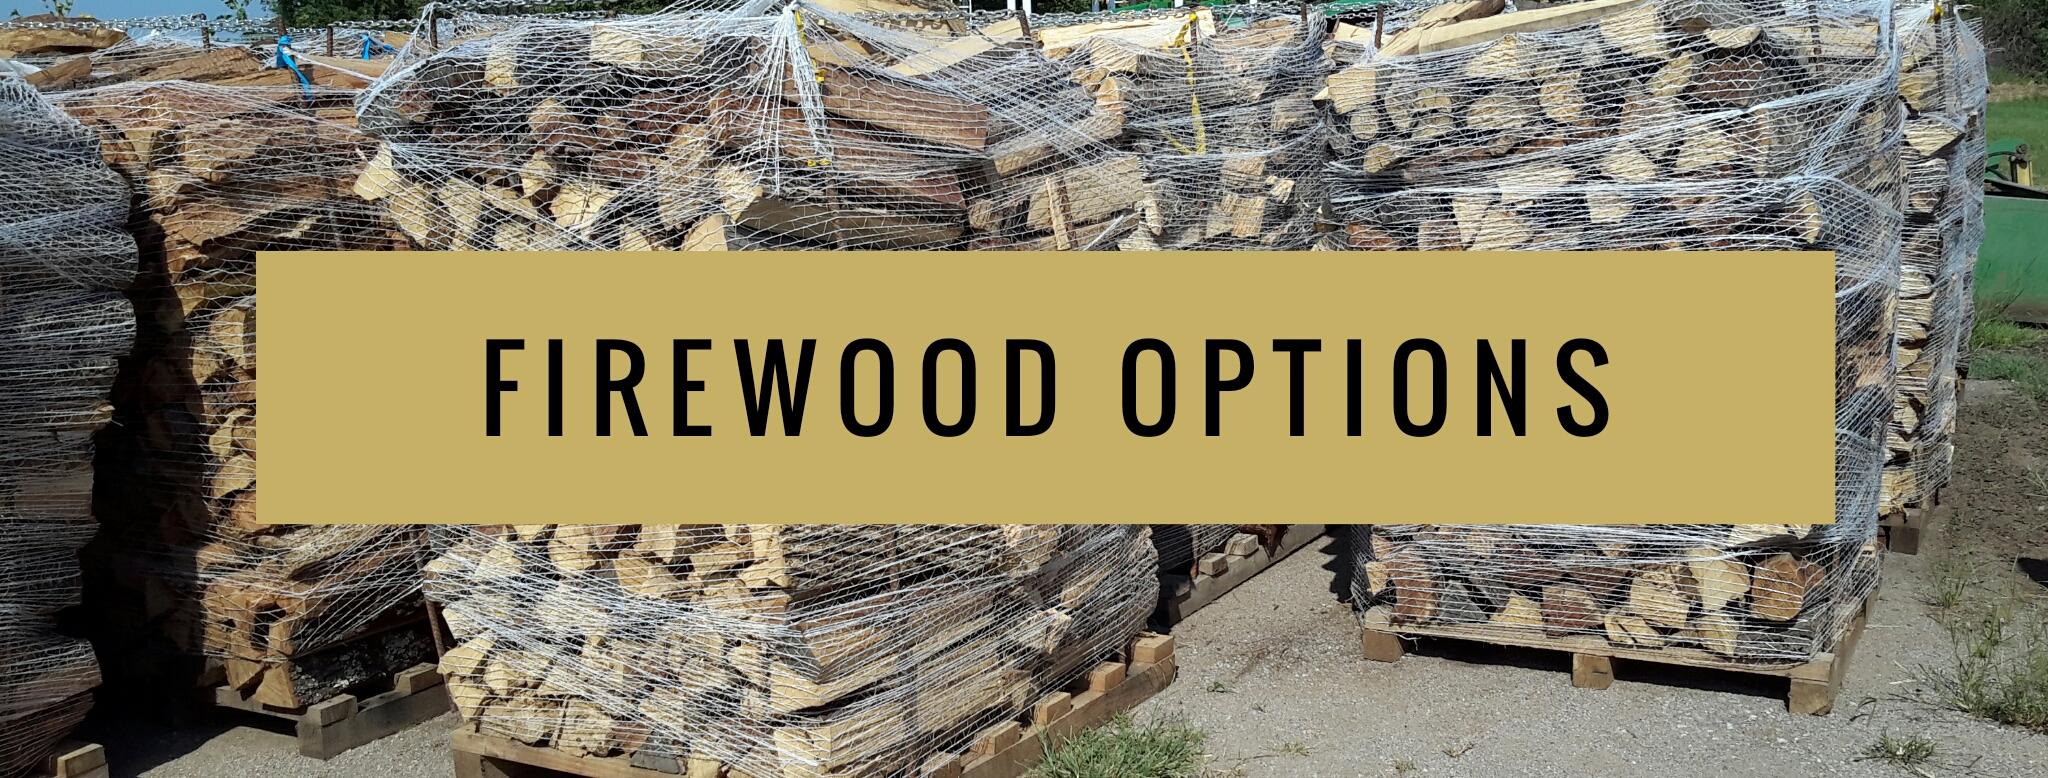 firewood options